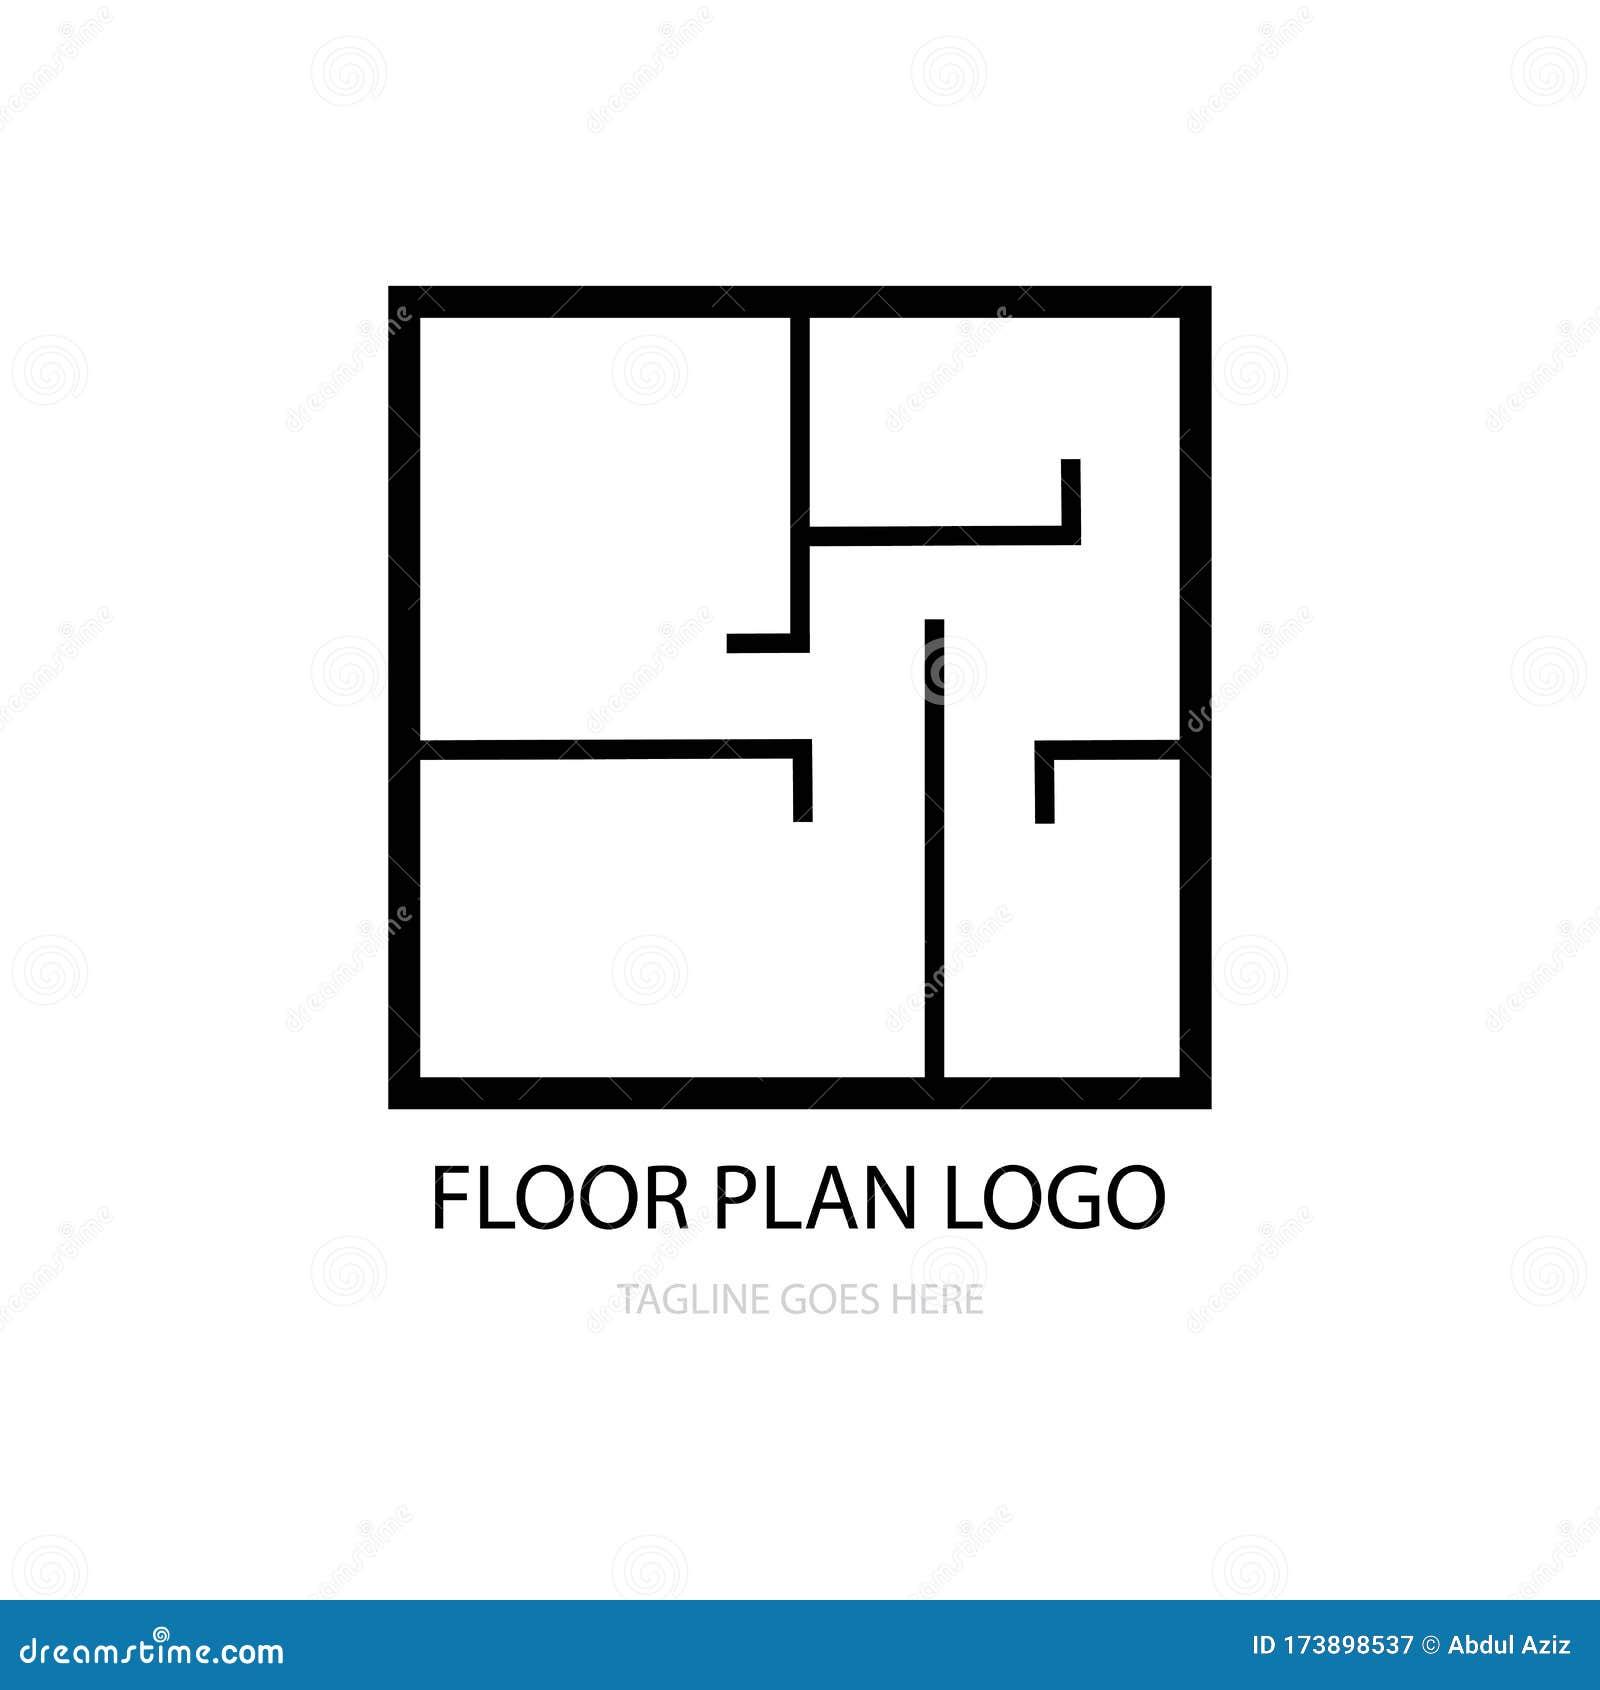 Floor Plan Logo Vector Stock Vector Illustration Of Realty 173898537